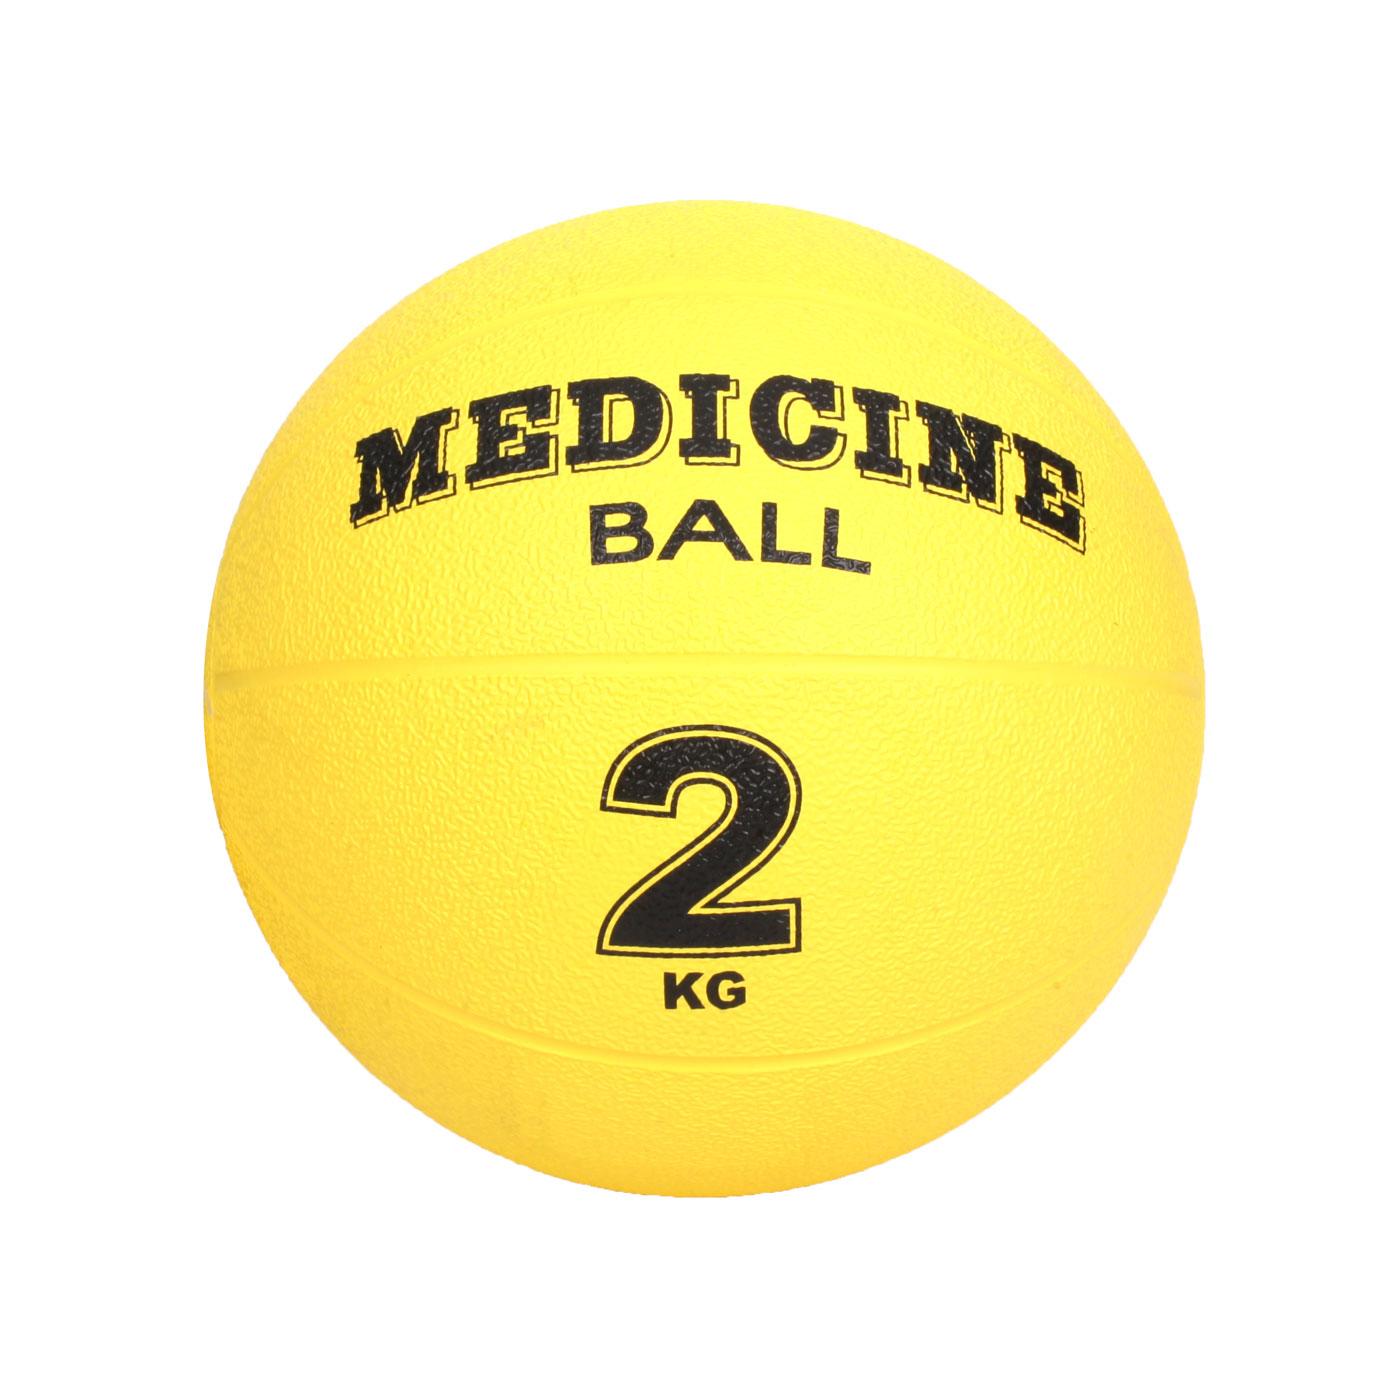 其它 2KG藥球(橡膠)E-BLM-922 - 依賣場